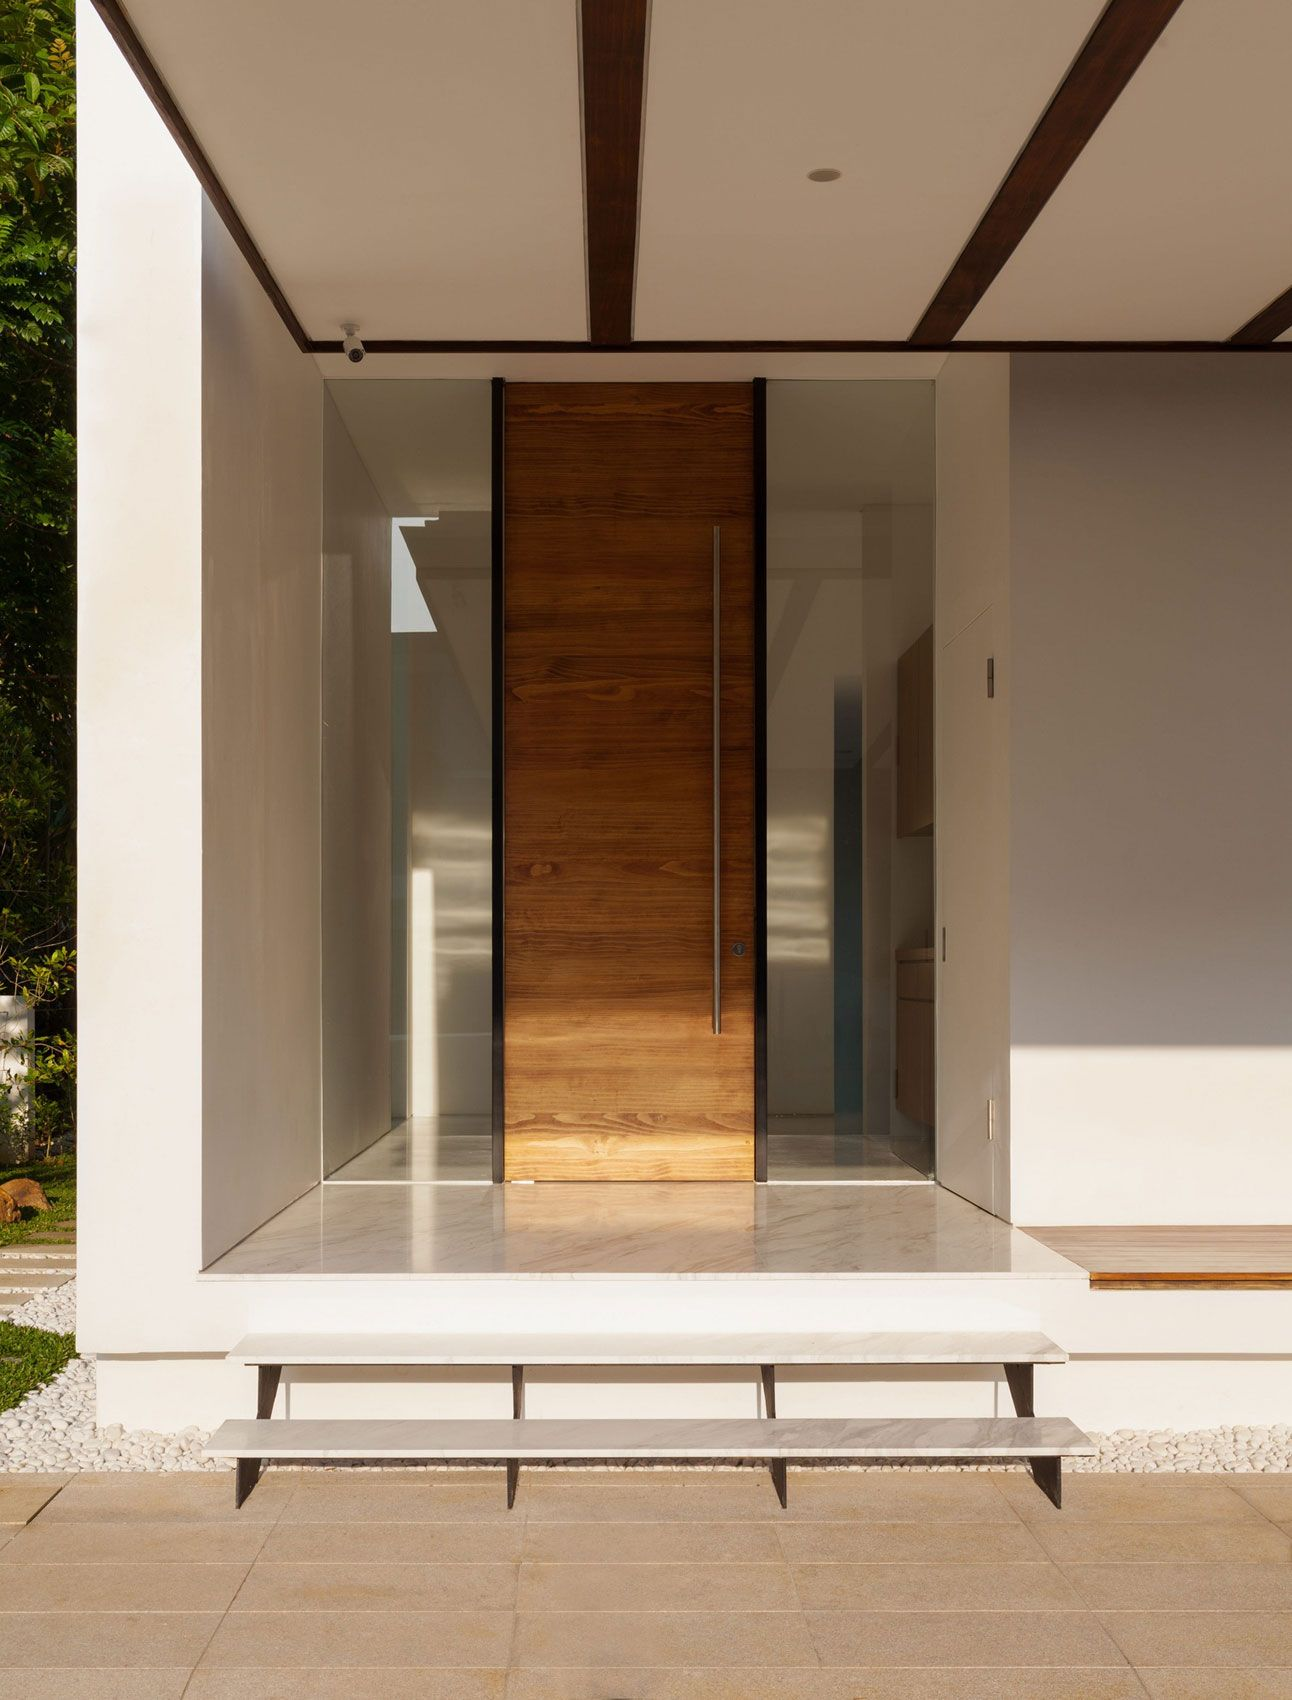 Innentüren Dekoration - linearsystem.co - Home Design Ideen und Bilder.